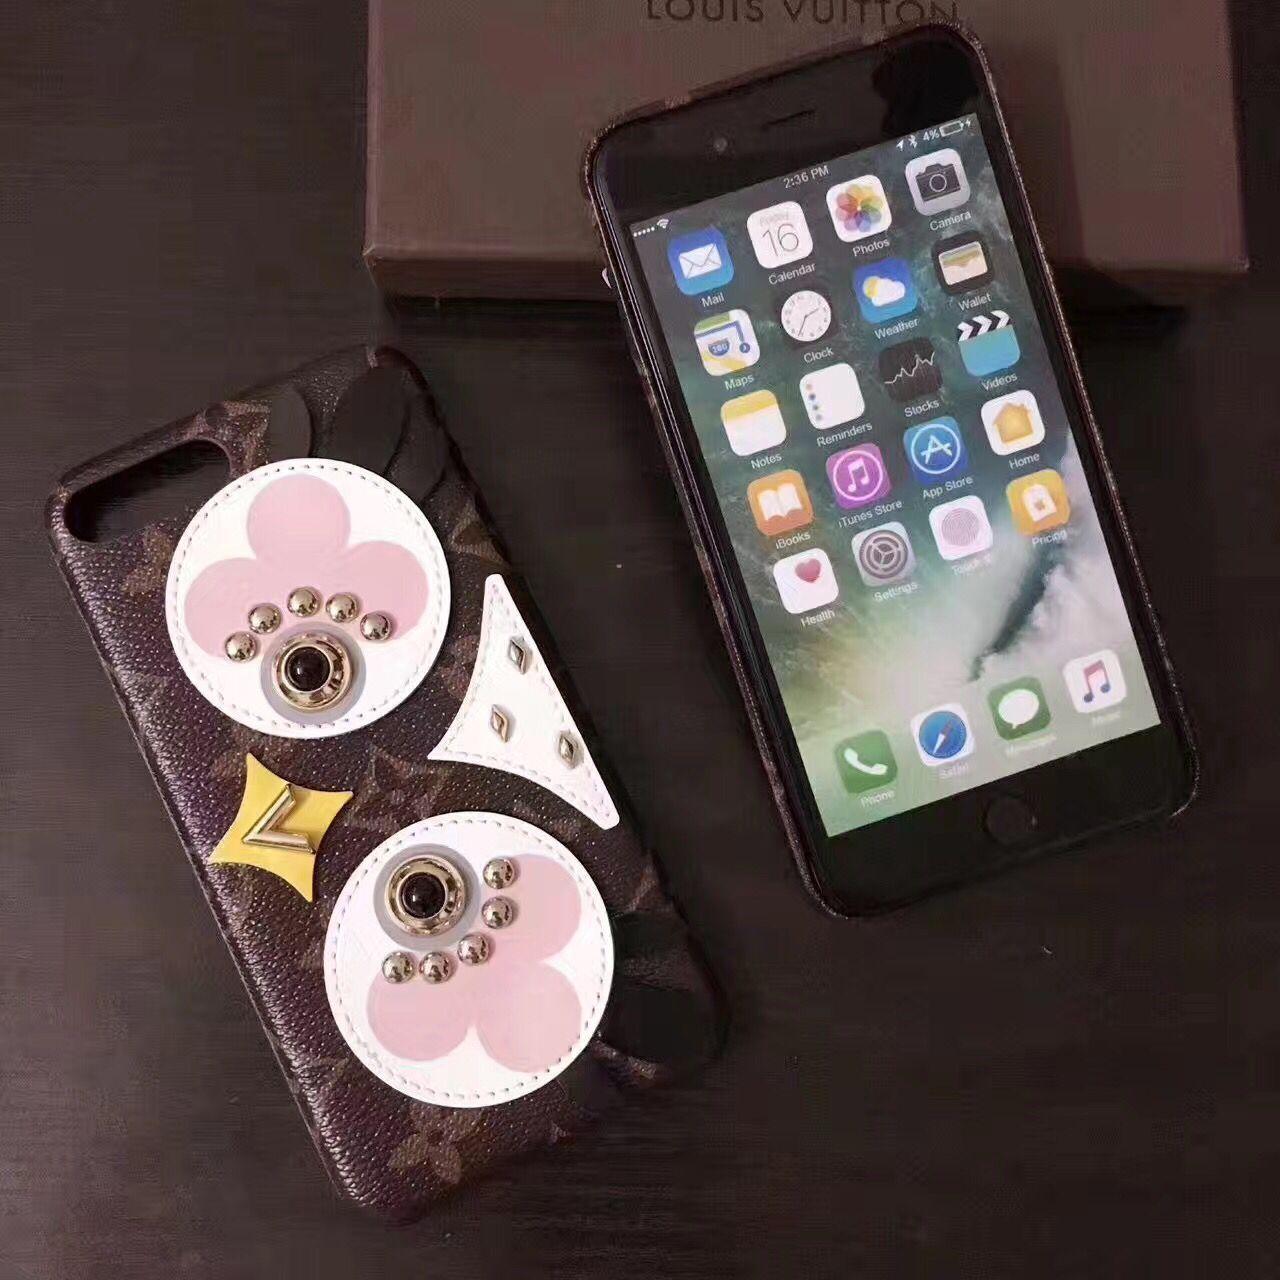 hülle für iphone iphone hülle selbst Louis Vuitton iphone 8 Plus hüllen handyhüllen online bestellen iphone 8 Plus lederhülle hülle iphone 3gs ausgefallene iphone hüllen iphone 8 Plus hulle hülle für handy